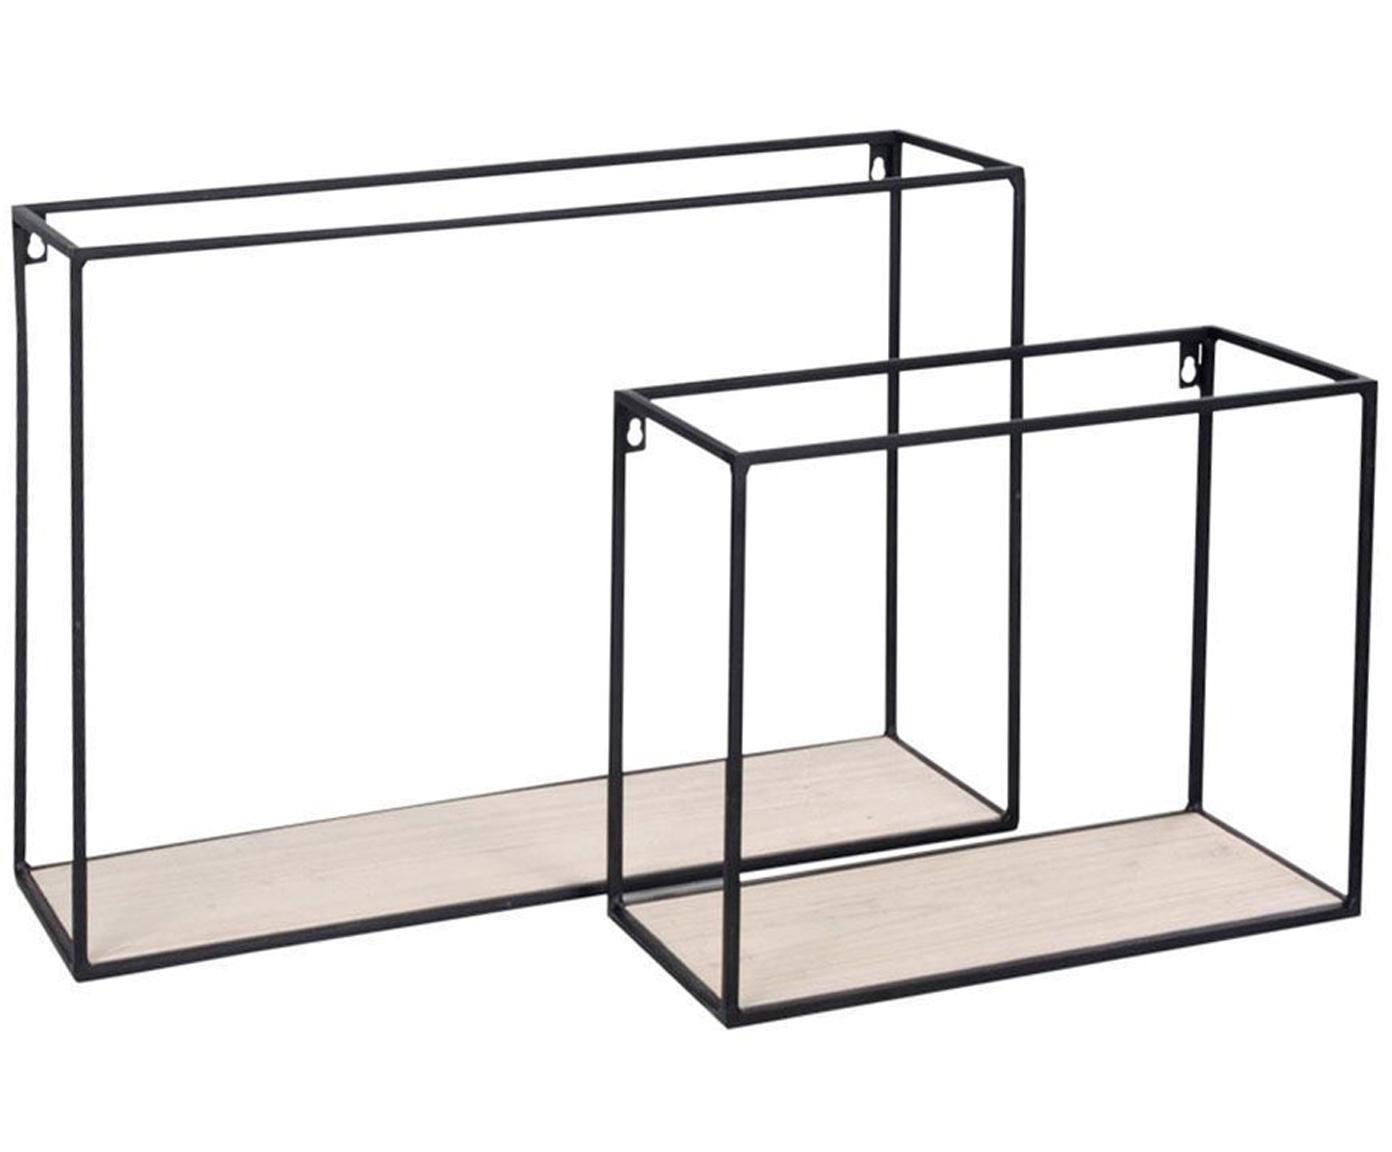 Set de estantes de pared Breda, 2pzas., Estante: madera, Estructura: acero, Beige, negro, Tamaños diferentes